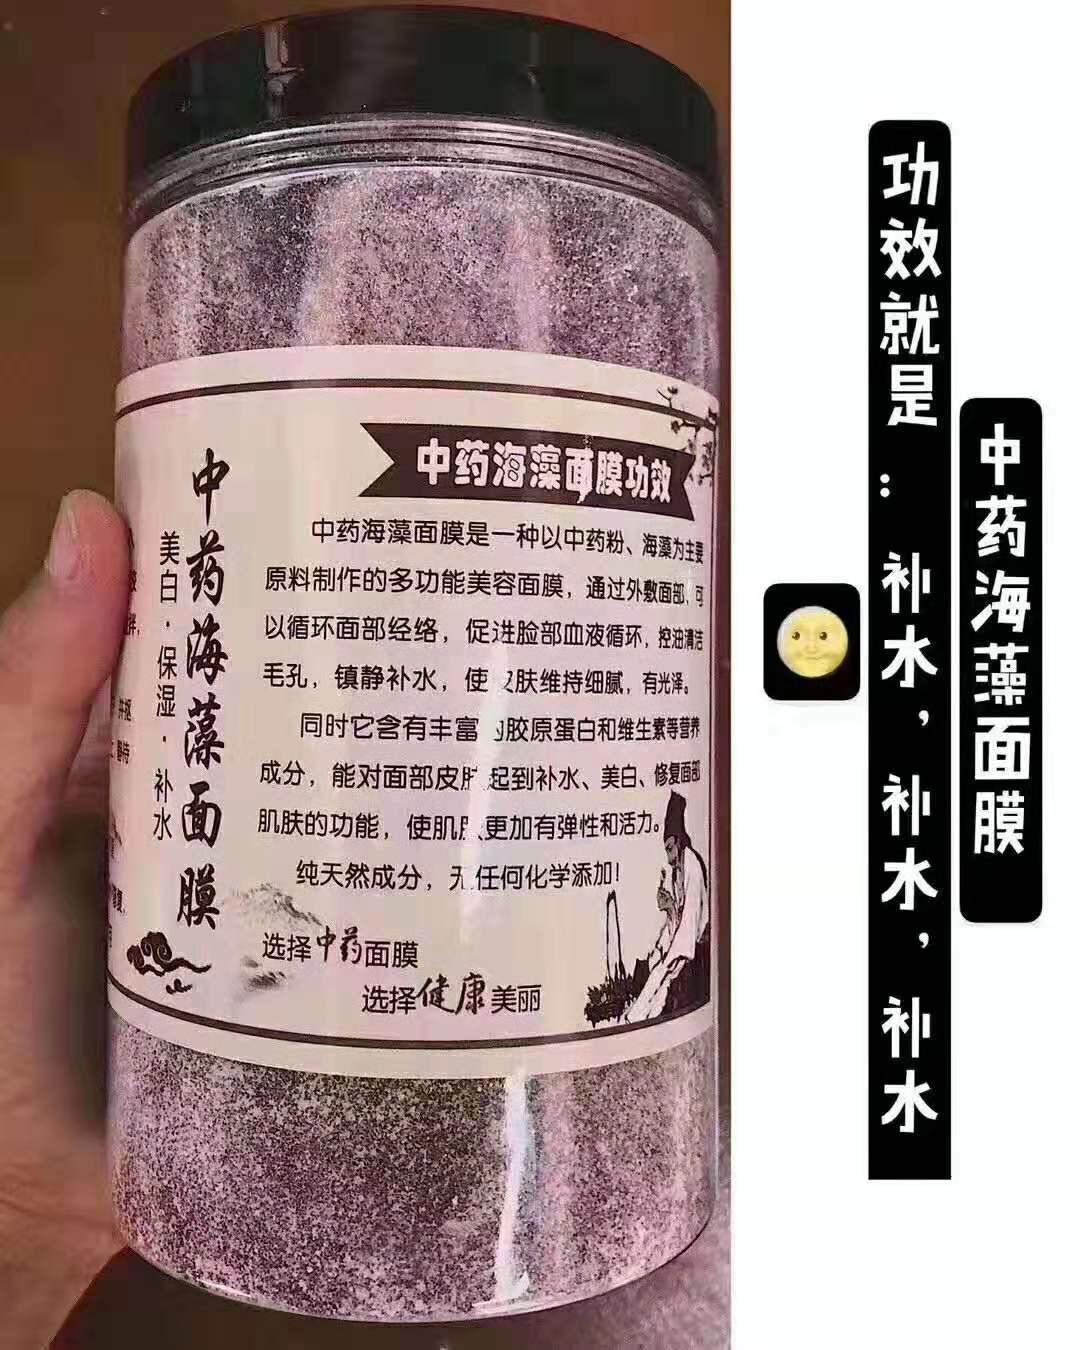 裕兴中药海藻面膜粉美白补水淡斑保湿控油美容院男女孕妇均可用